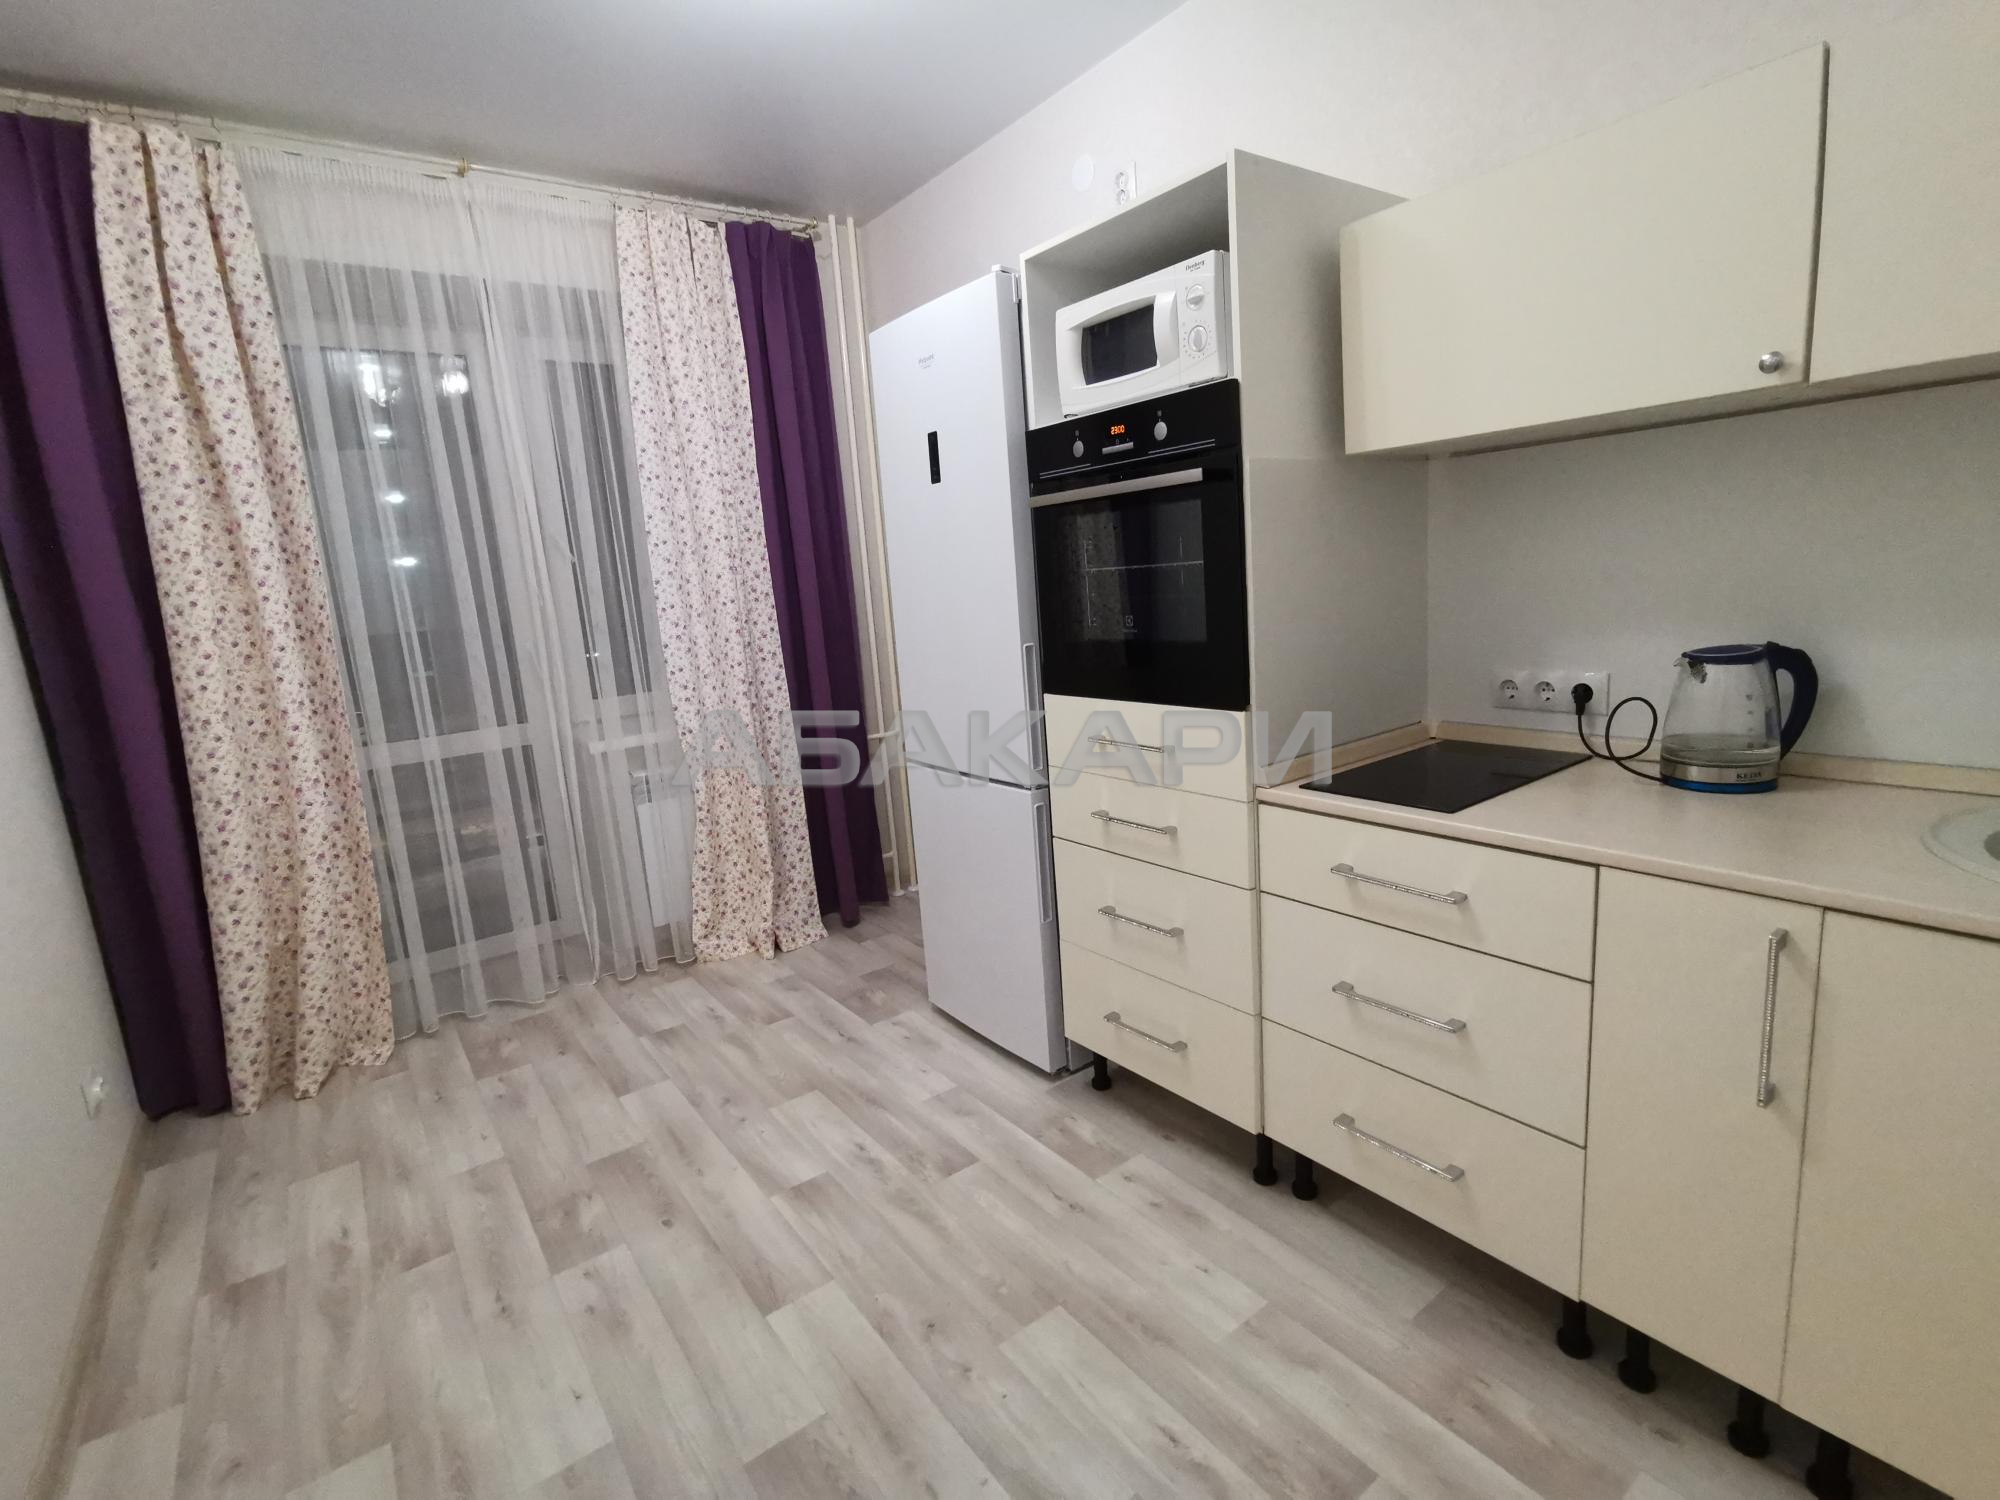 1к квартира улица Академгородок, 66 3/8 - 36кв   24000   аренда в Красноярске фото 1